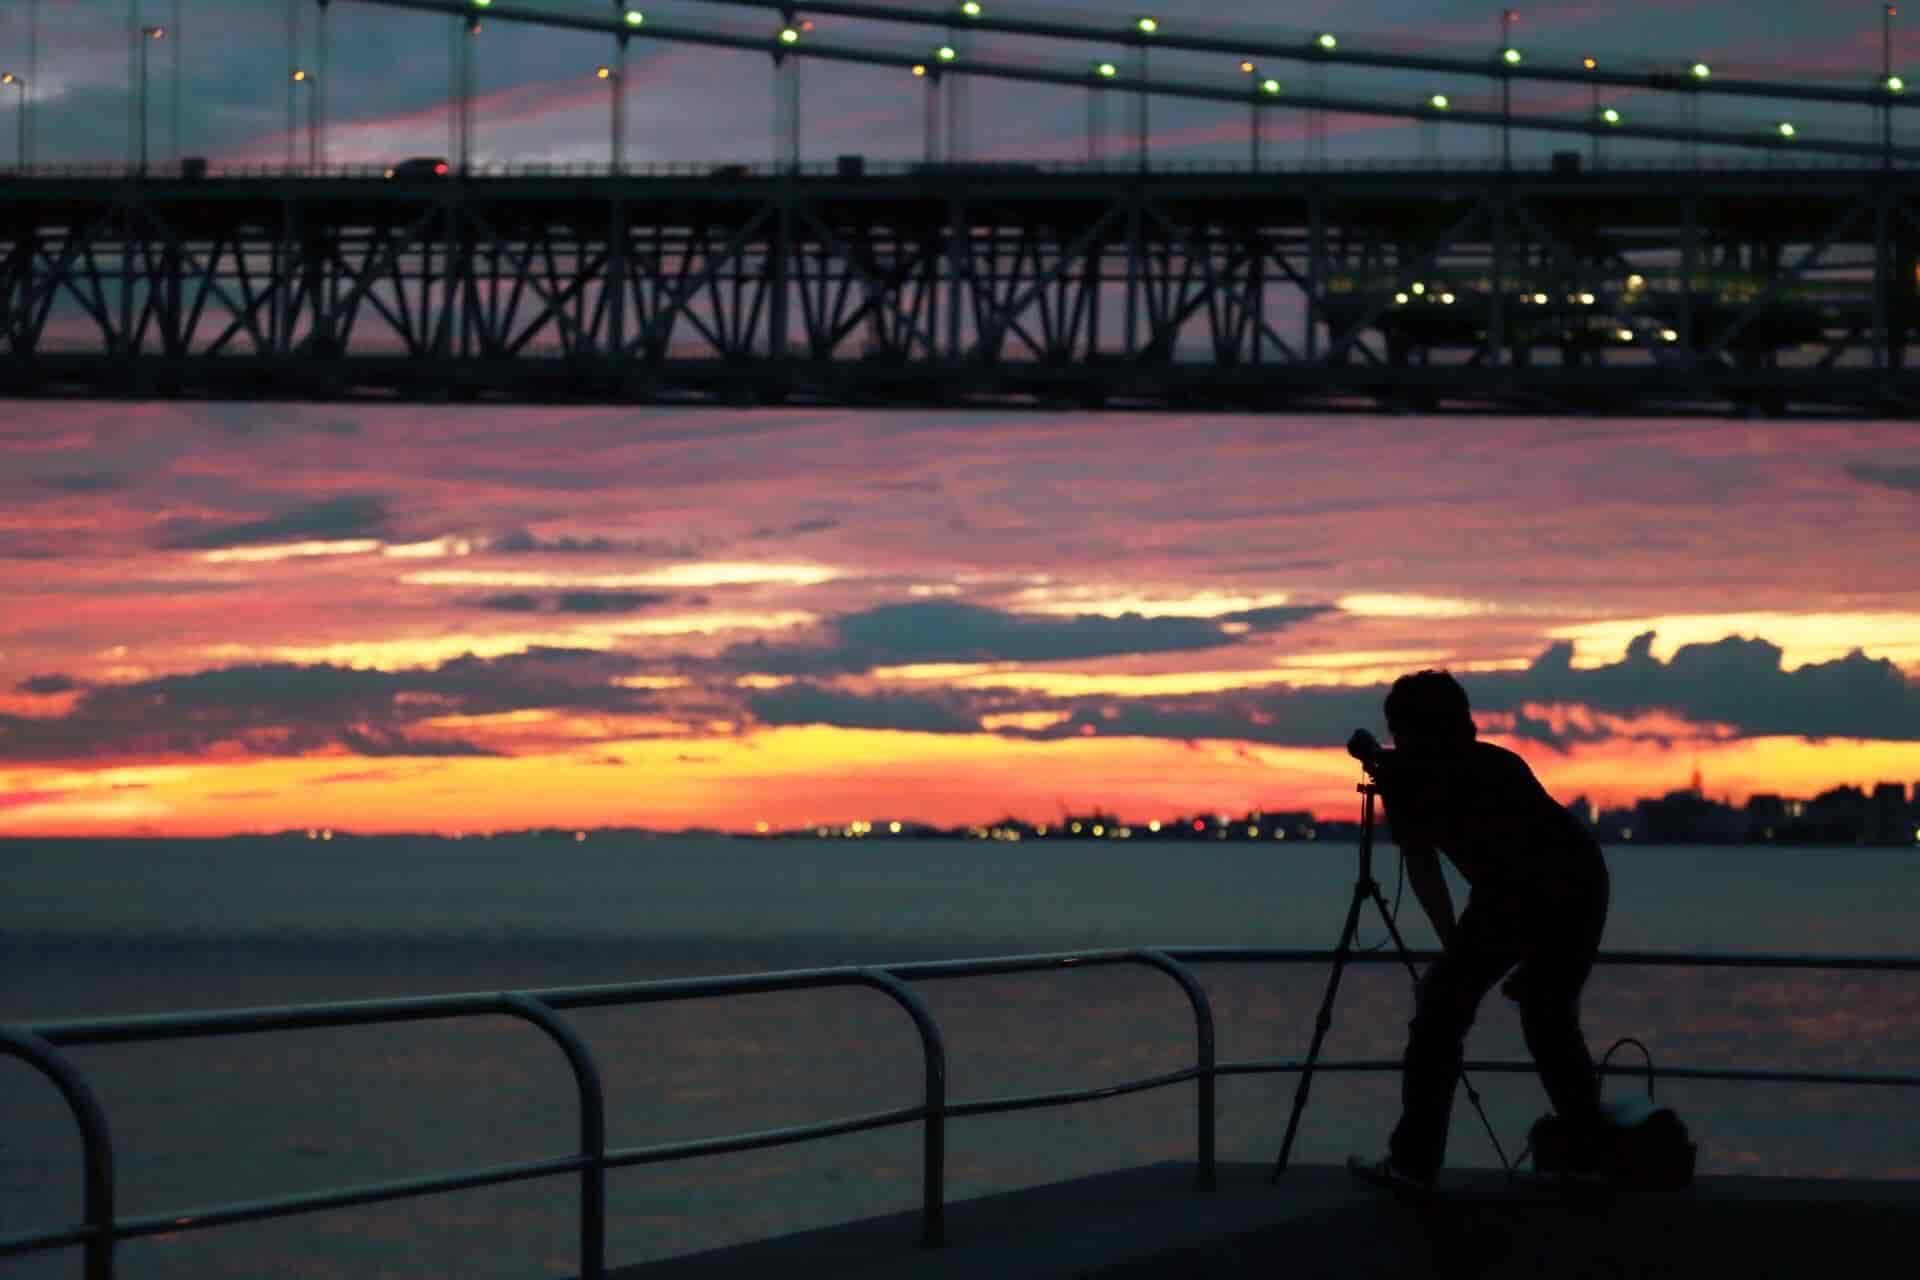 ラブ探偵事務所と他社の埼玉県吉川市での夜間暗視撮影